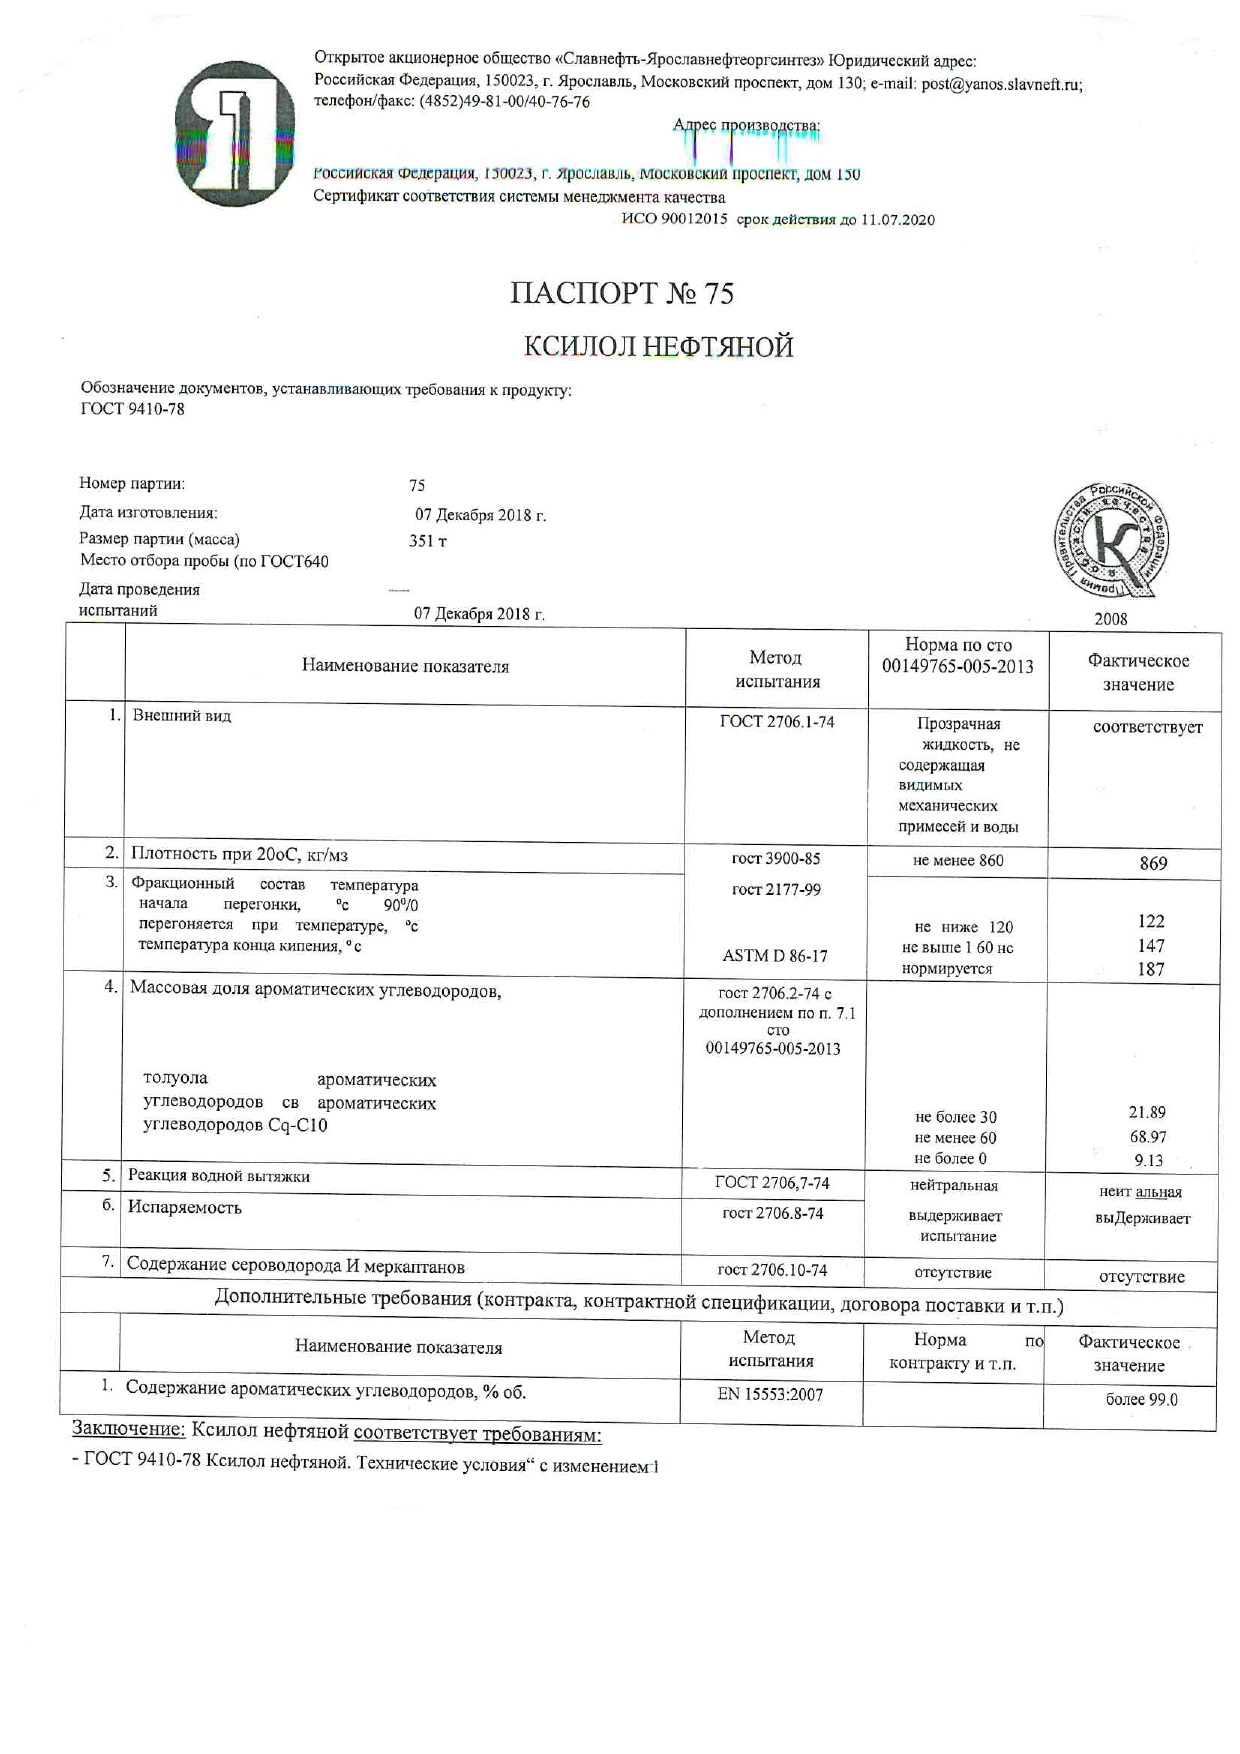 Ксилол нефтяной марки а: описание, технические характеристики и особенности